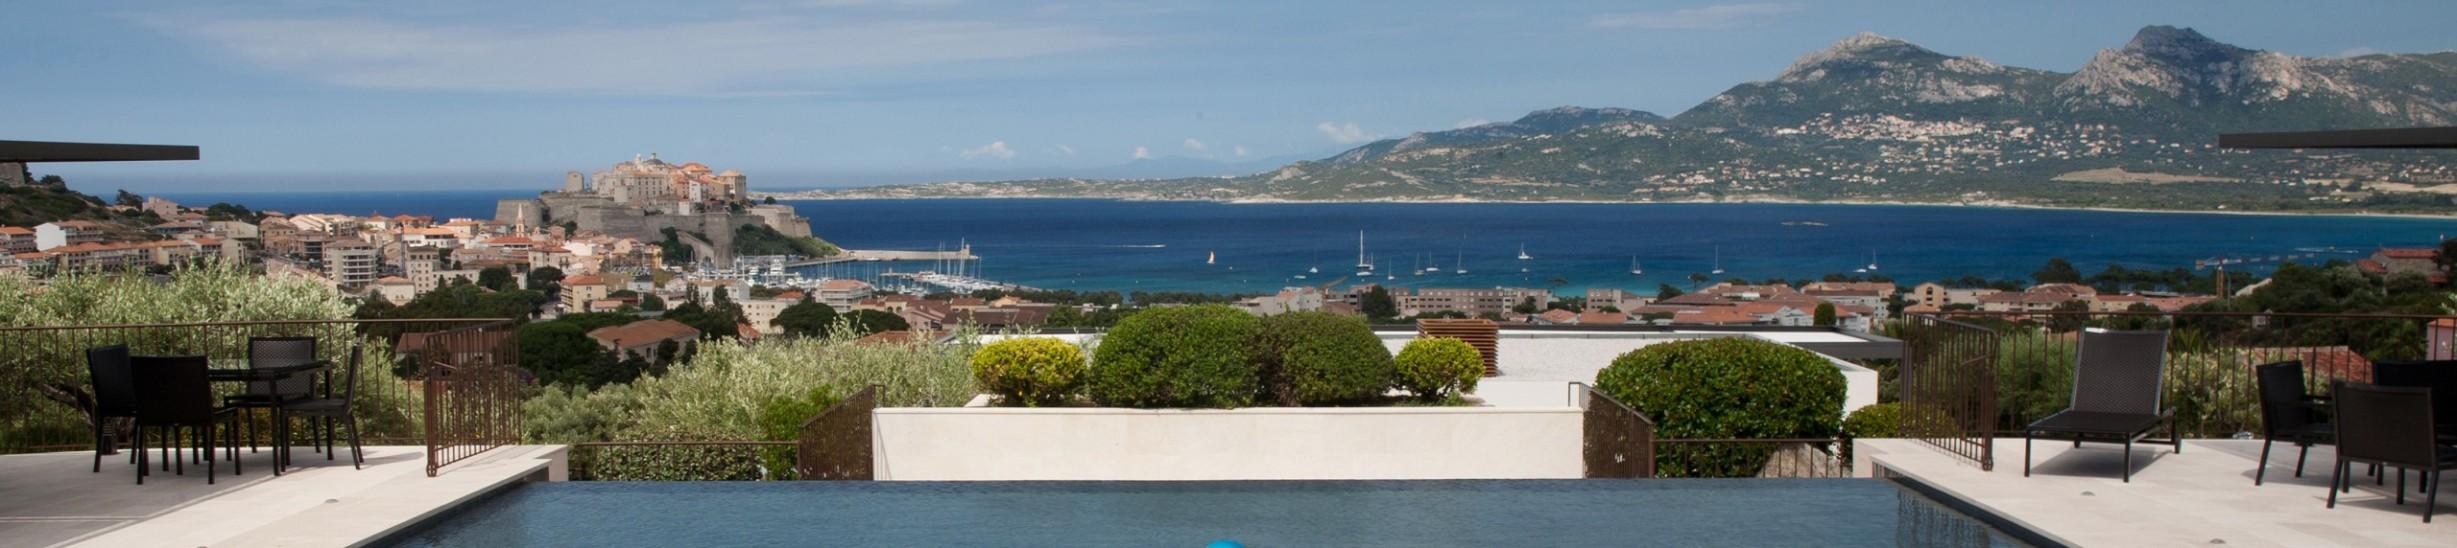 cropped-vue-de-la-villa.jpg